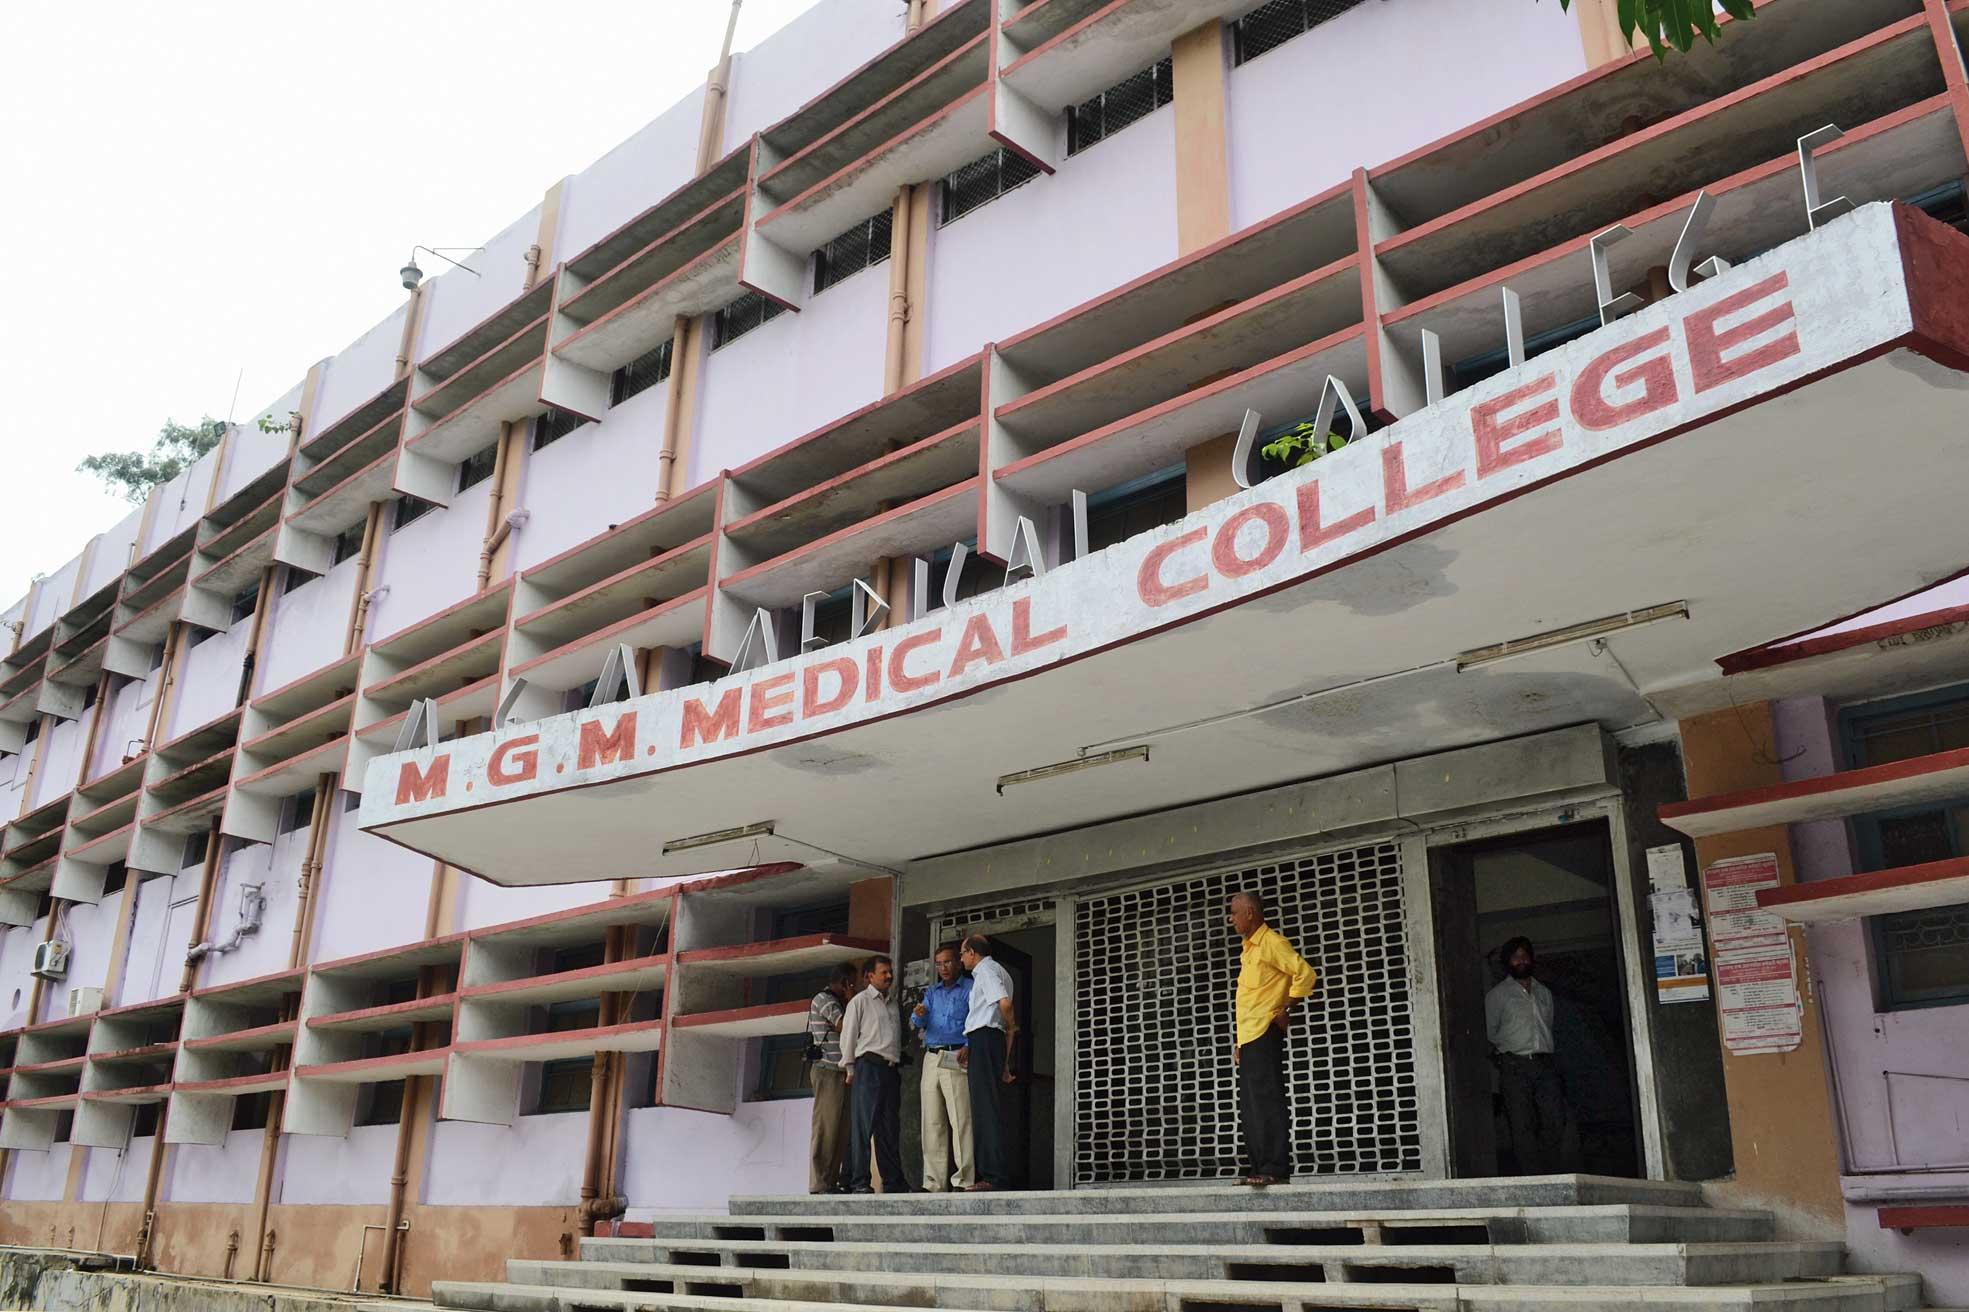 एमजीएम हॉस्पिटल जमशेदपुर के नर्स और डॉक्टर मोबाइल पर मस्त रहे , तब इलाजरत हरिजन महिला के नवजात की मौत